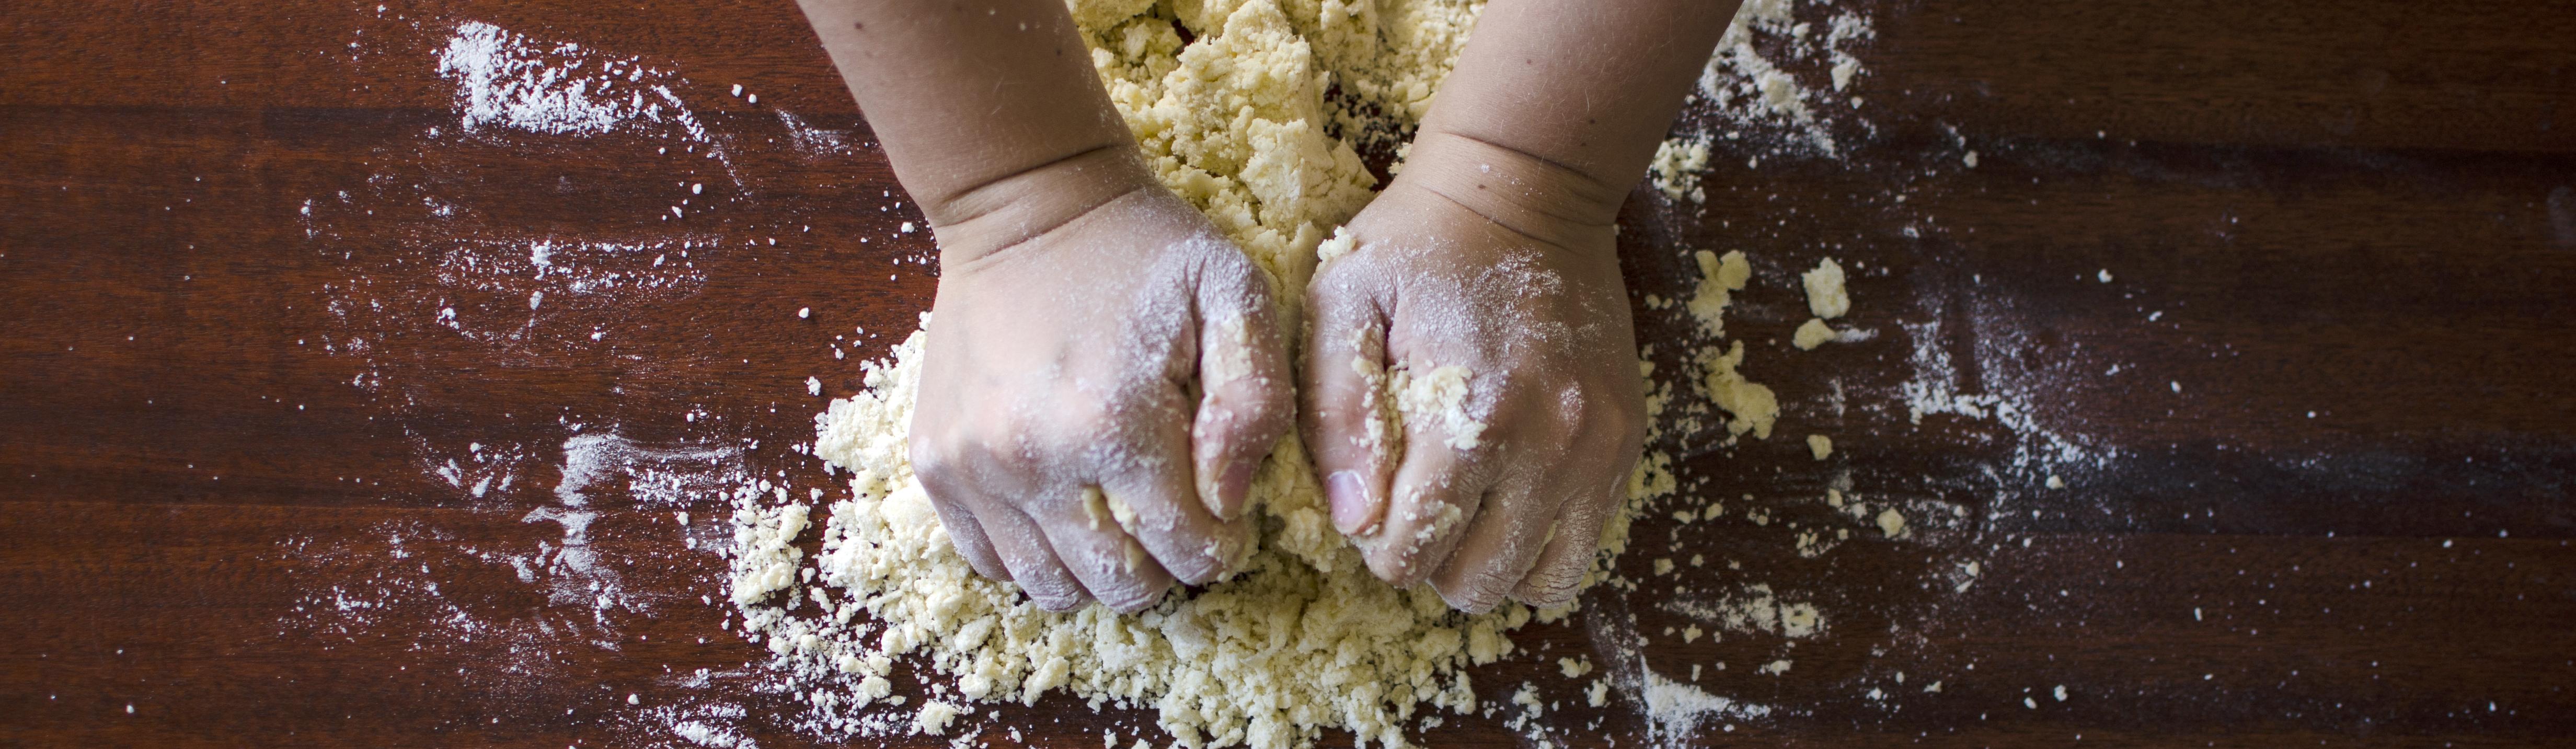 baking-hands